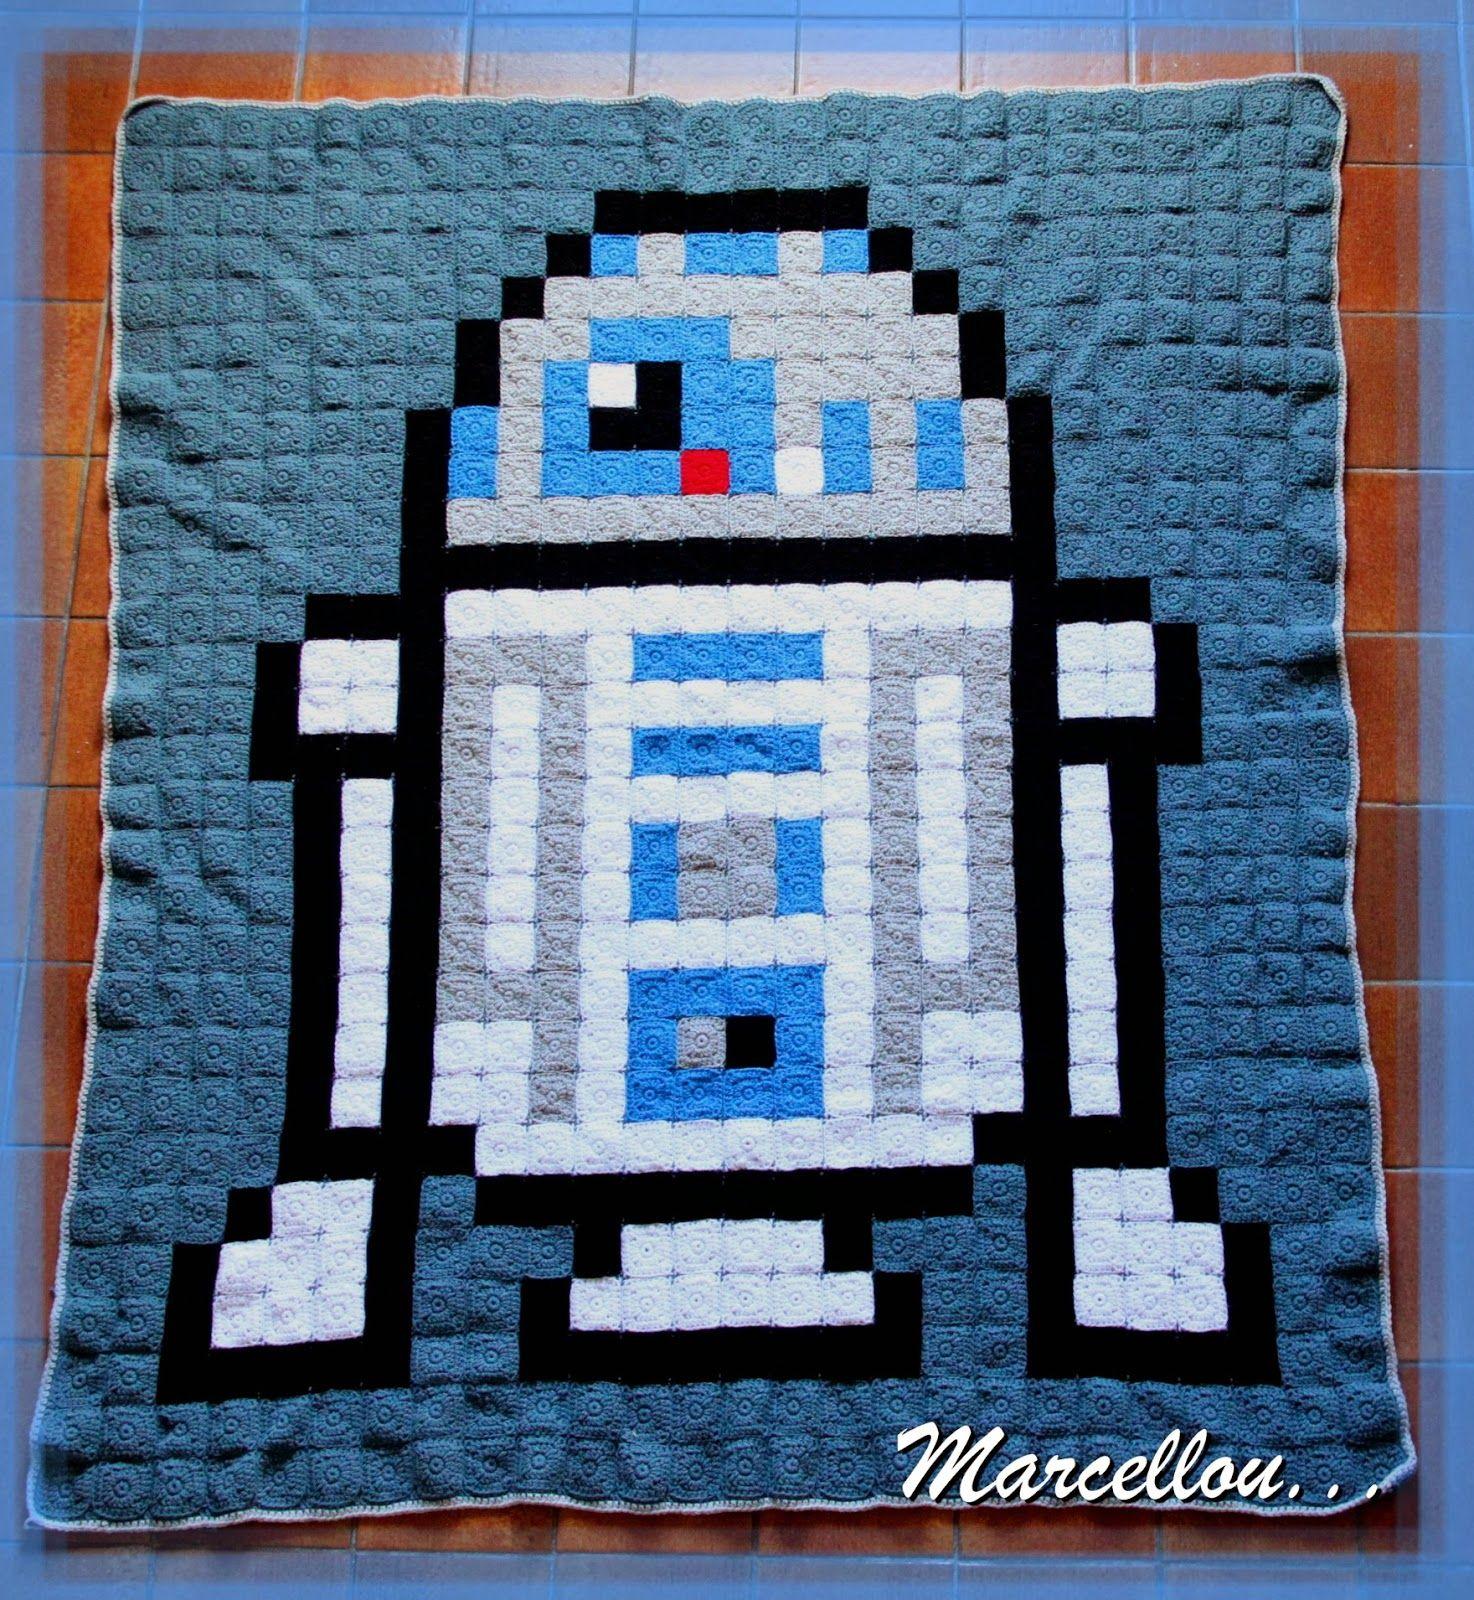 R2d2 star wars pixel crochet blanket by atelier de marcellou r2d2 star wars pixel crochet blanket by atelier de marcellou publicscrutiny Gallery